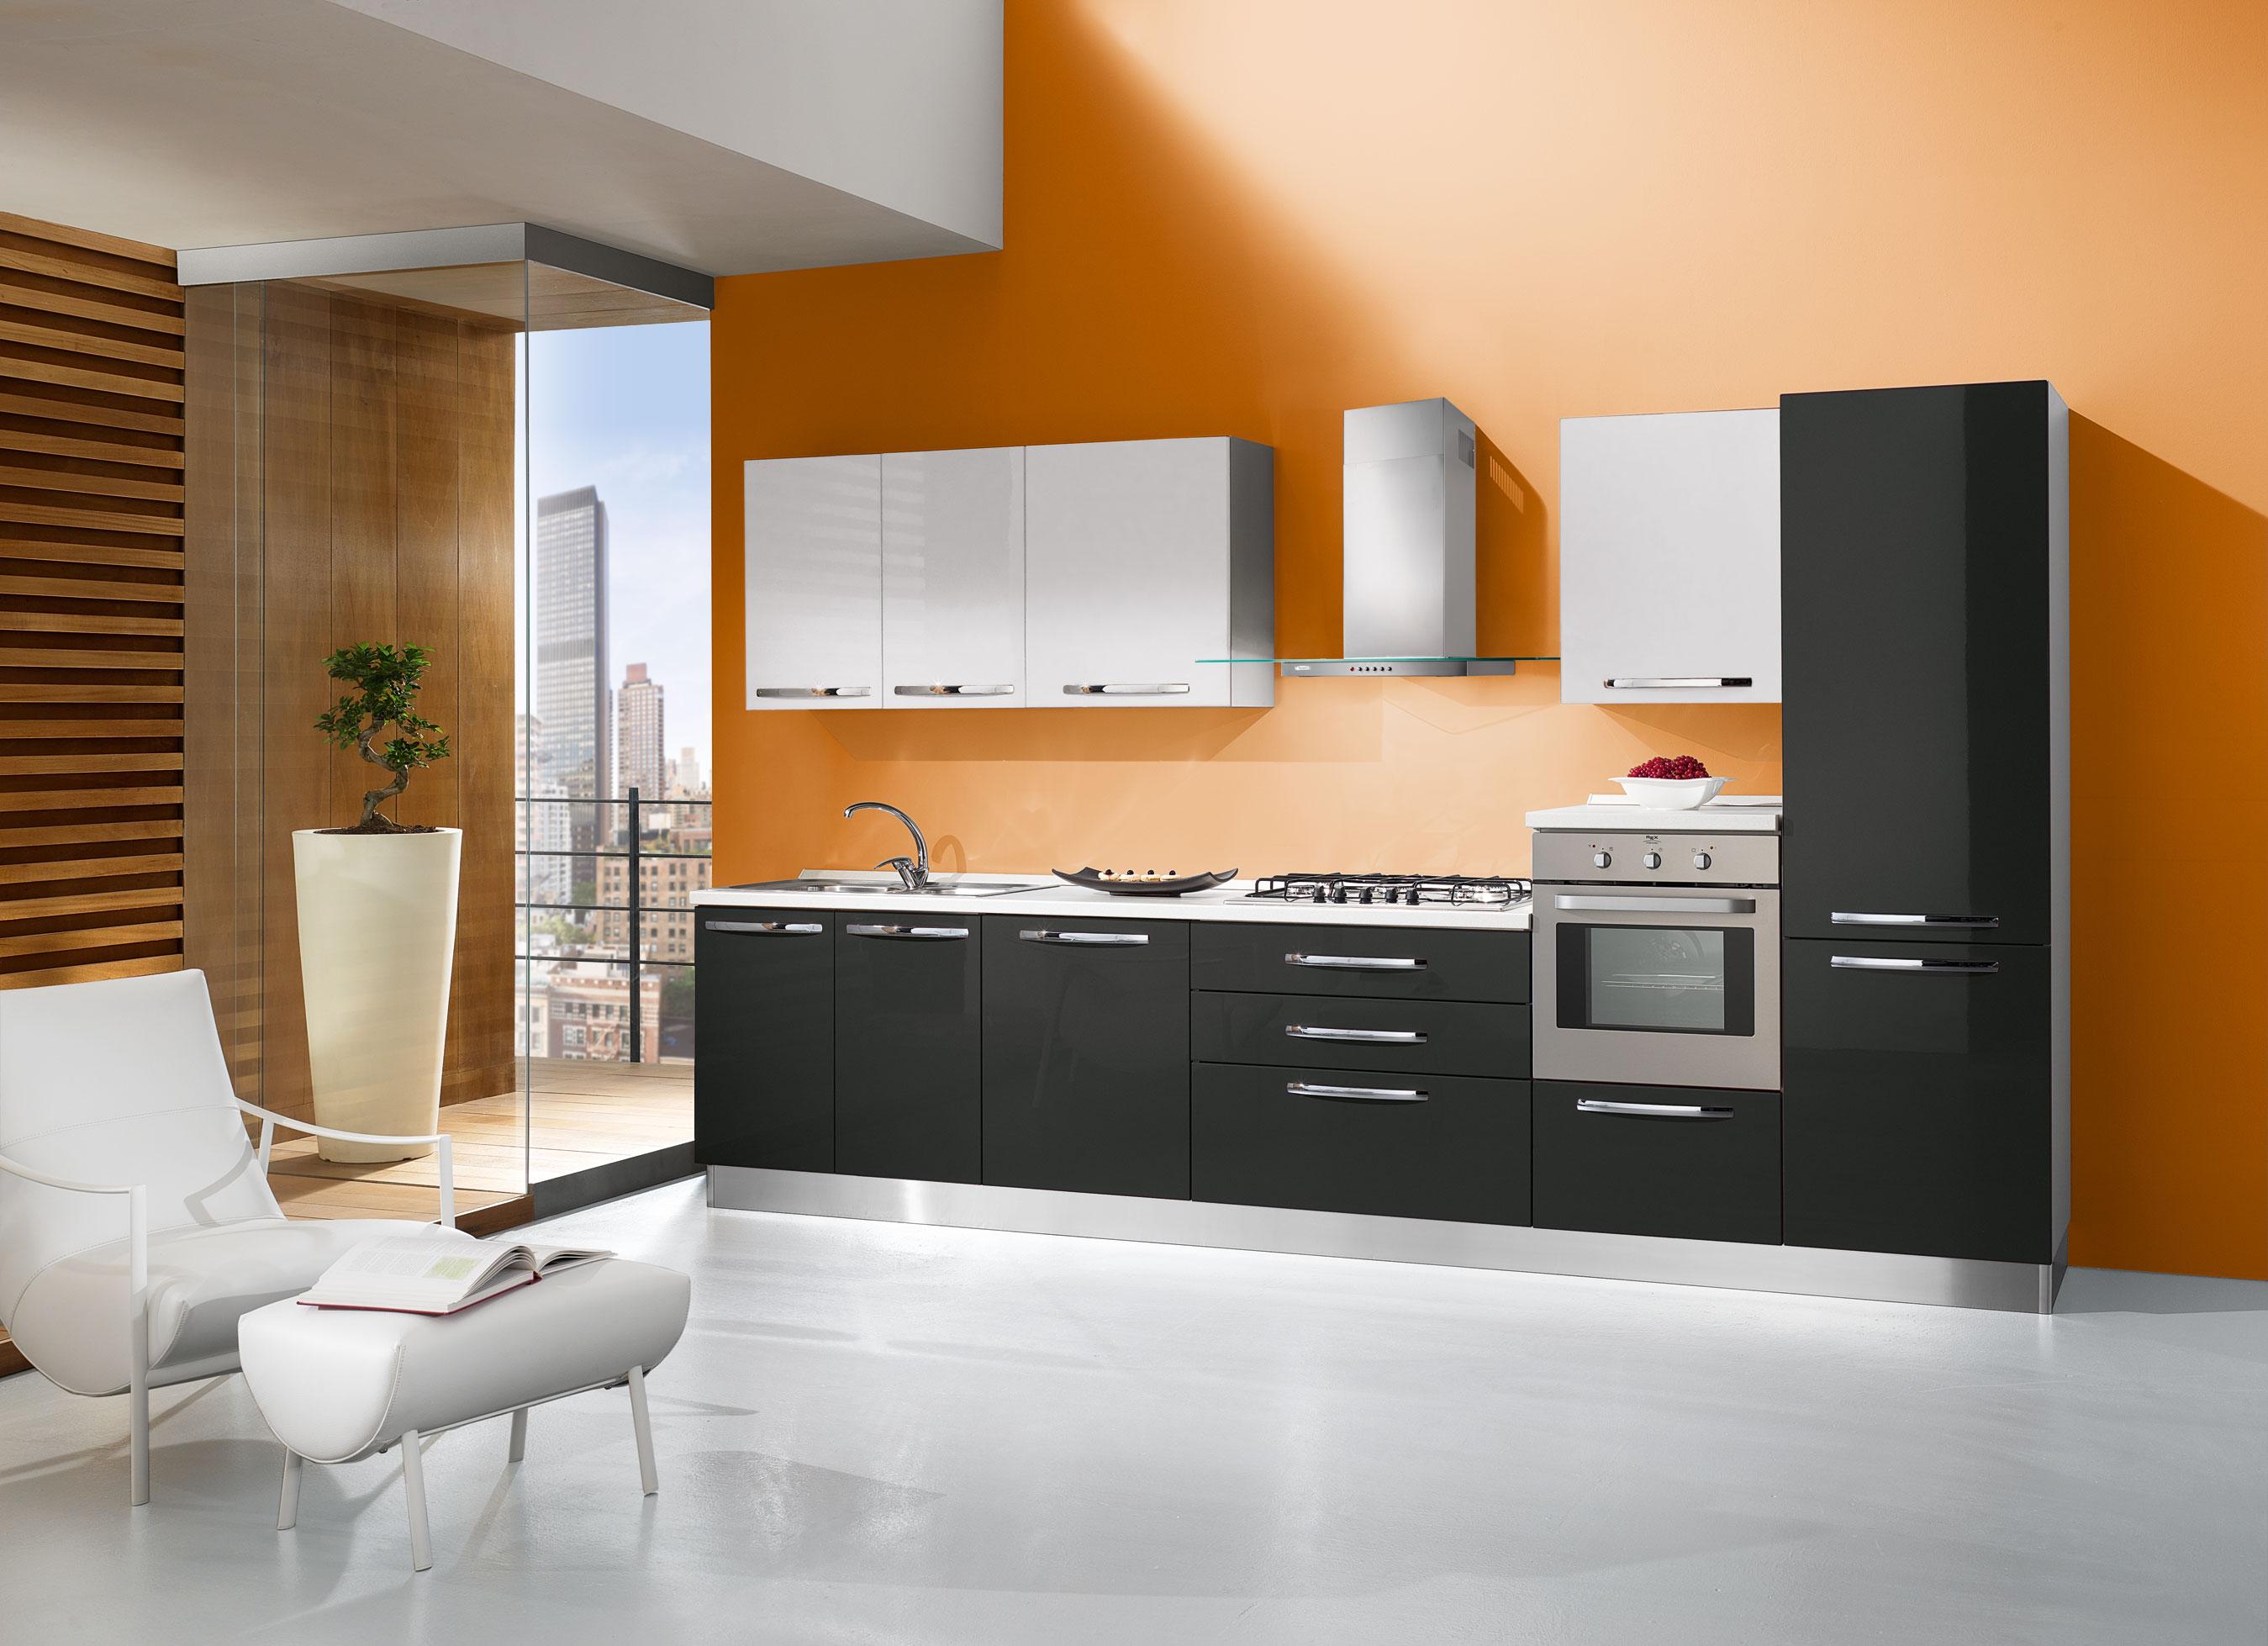 Cucine cucine moderne cucina modena gaia tonda tutto for Cucine componibili colorate